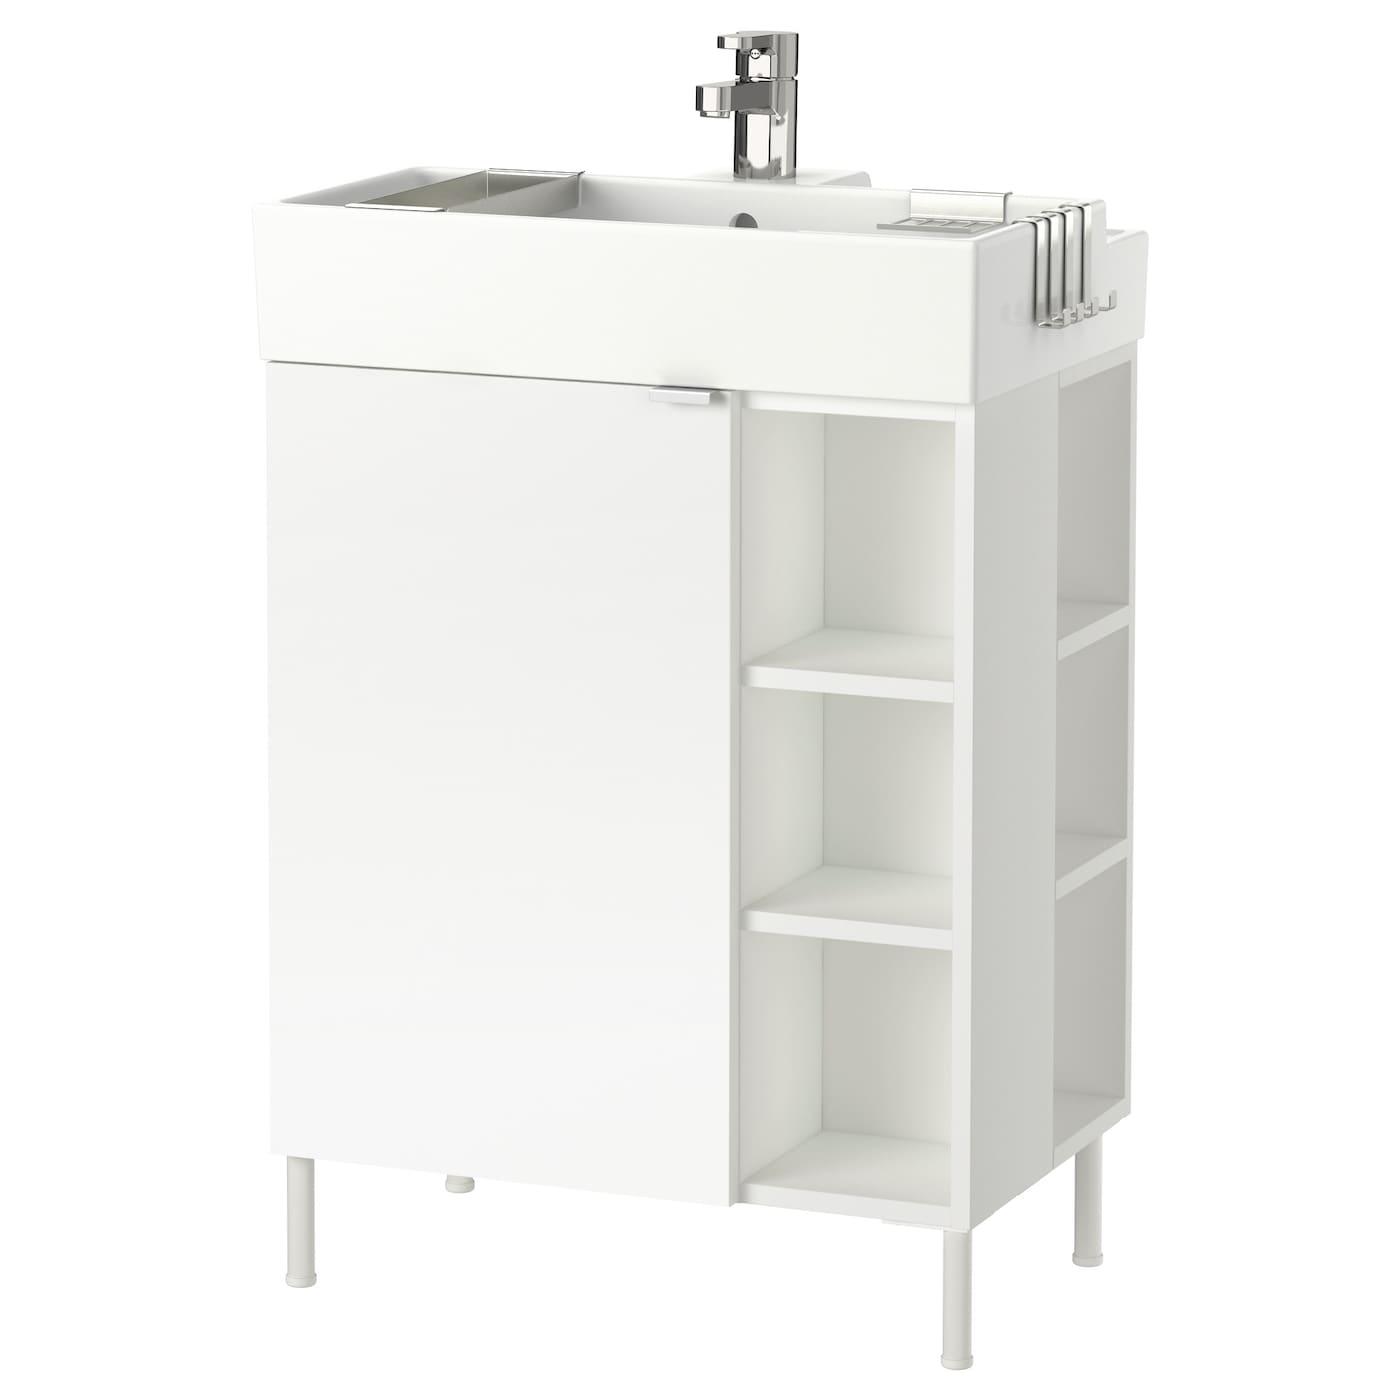 Bathroom washbasin cabinets - Ikea Lill Ngen Washbasin Cab 1 Door 2 End Units